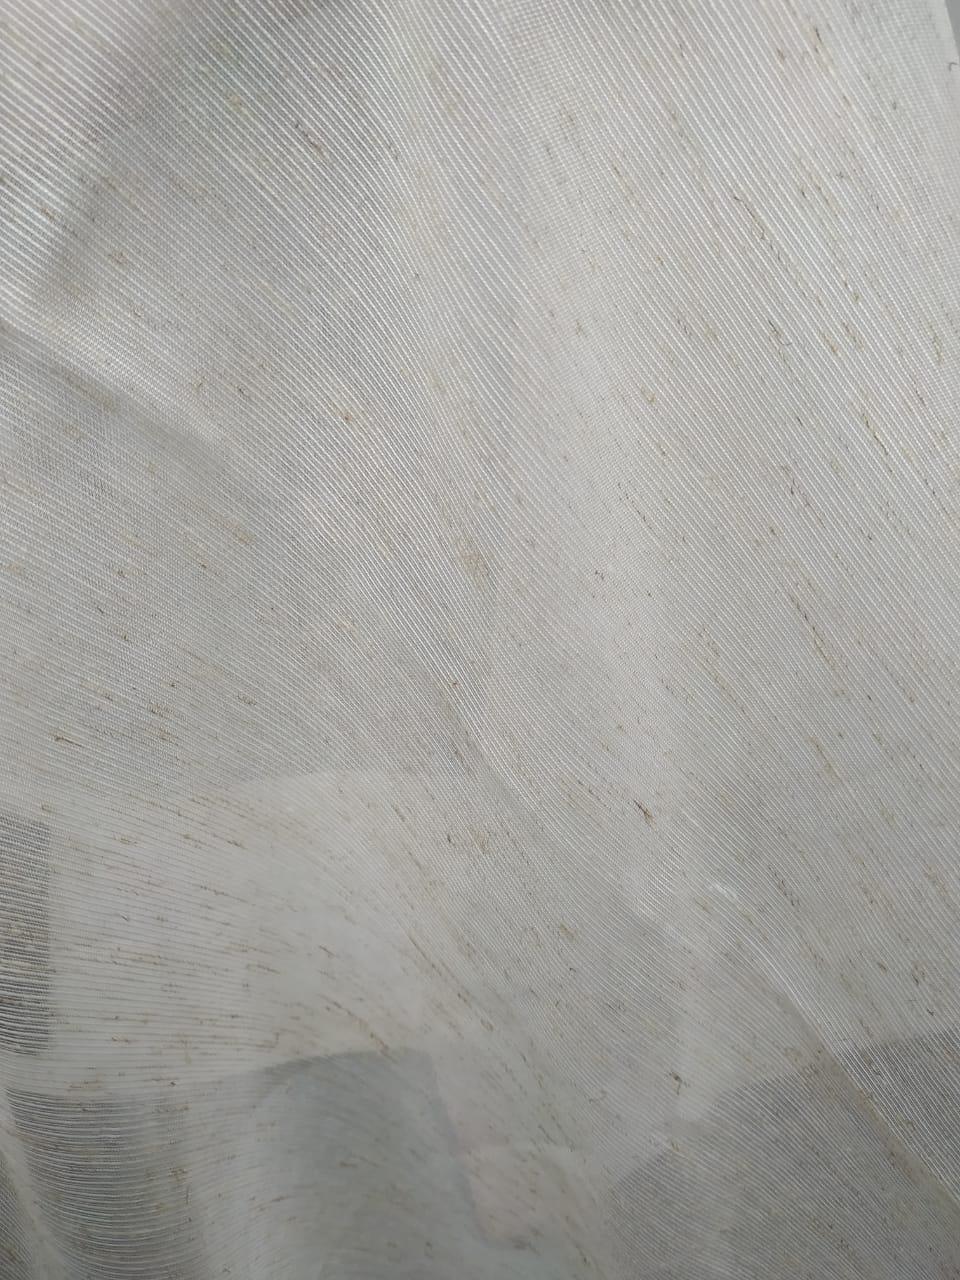 Cortina de Voil Rústico com forro Blackout 70% Palha 8,00 x 2,60 - Para trilho suisso MAX Duplo (H)